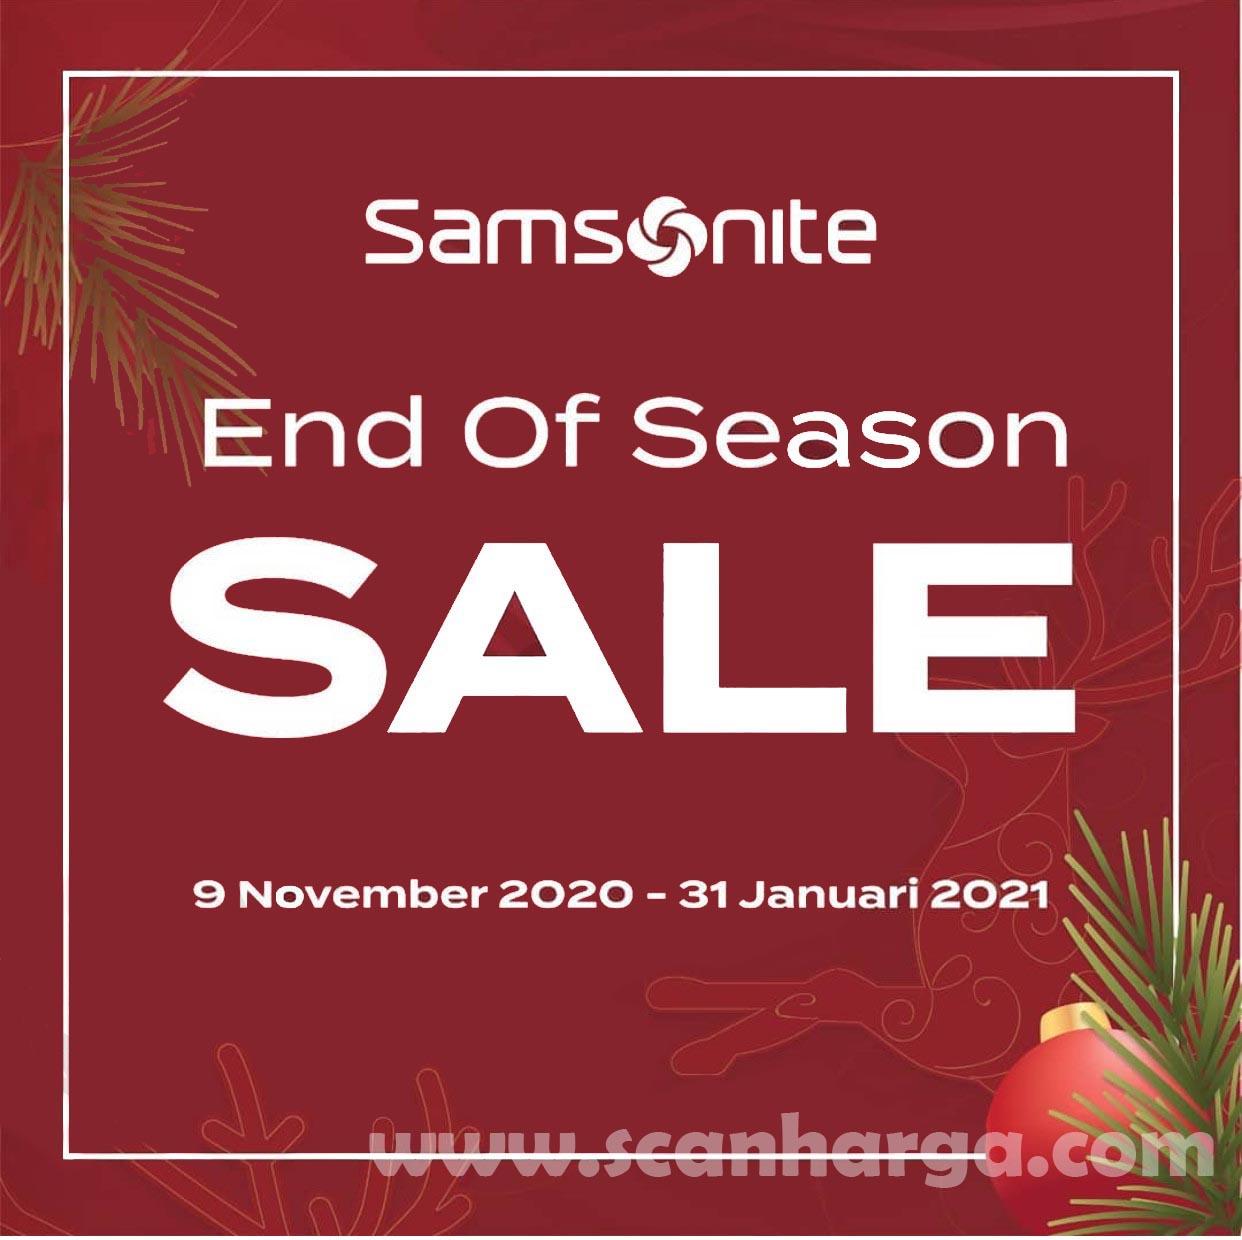 Promo Samsonite End of Season Sale*